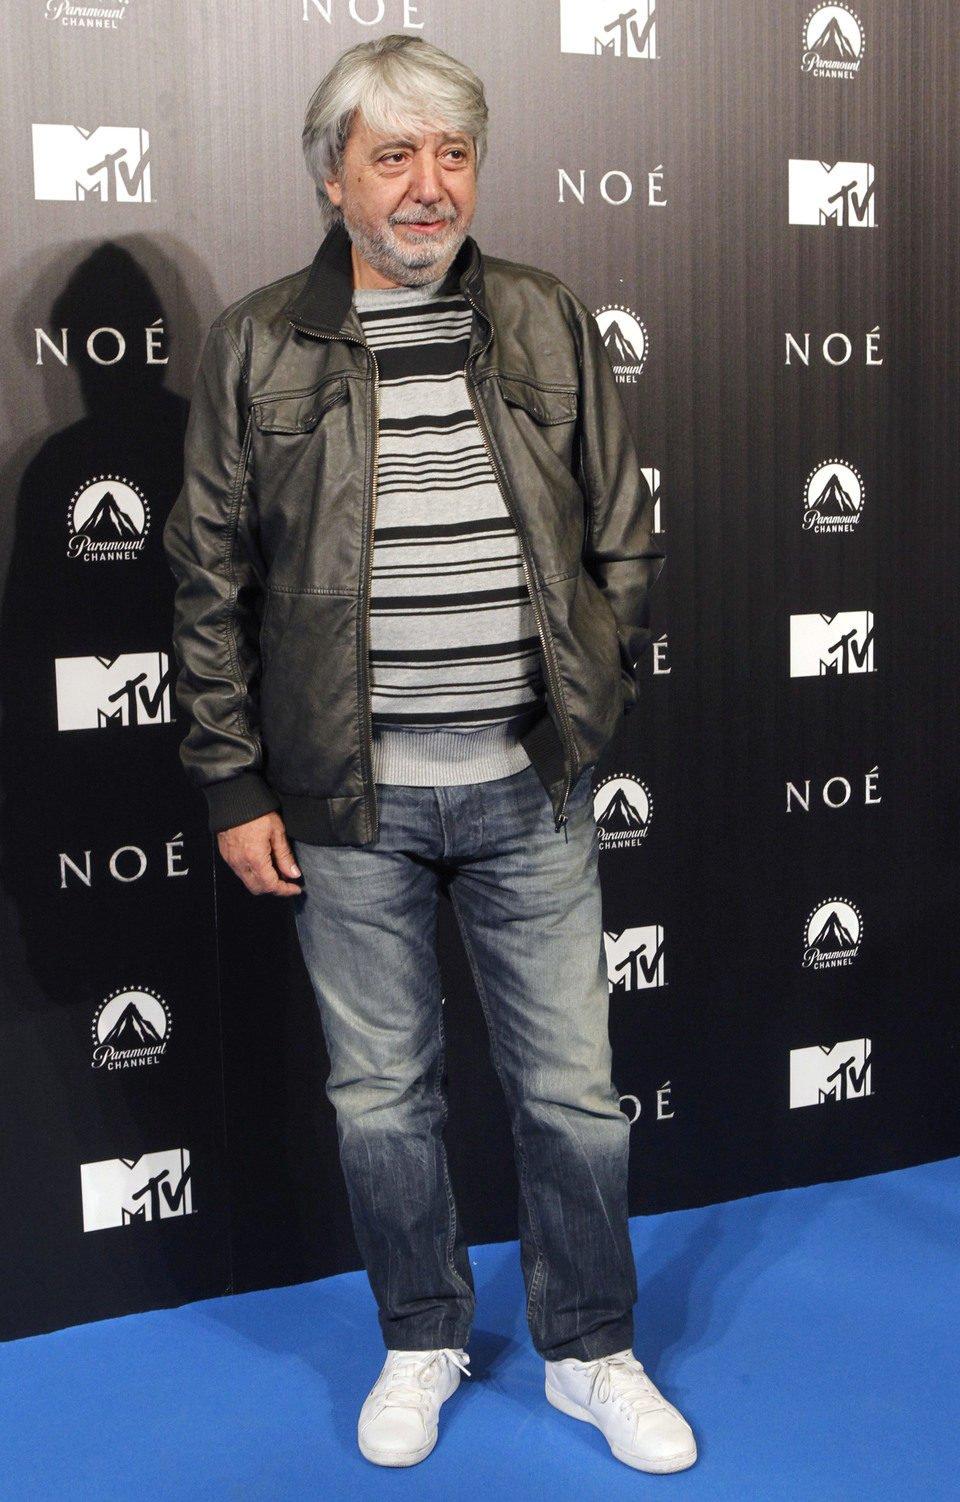 Ricardo Arroyo en la premiere de 'Noé' en Madrid